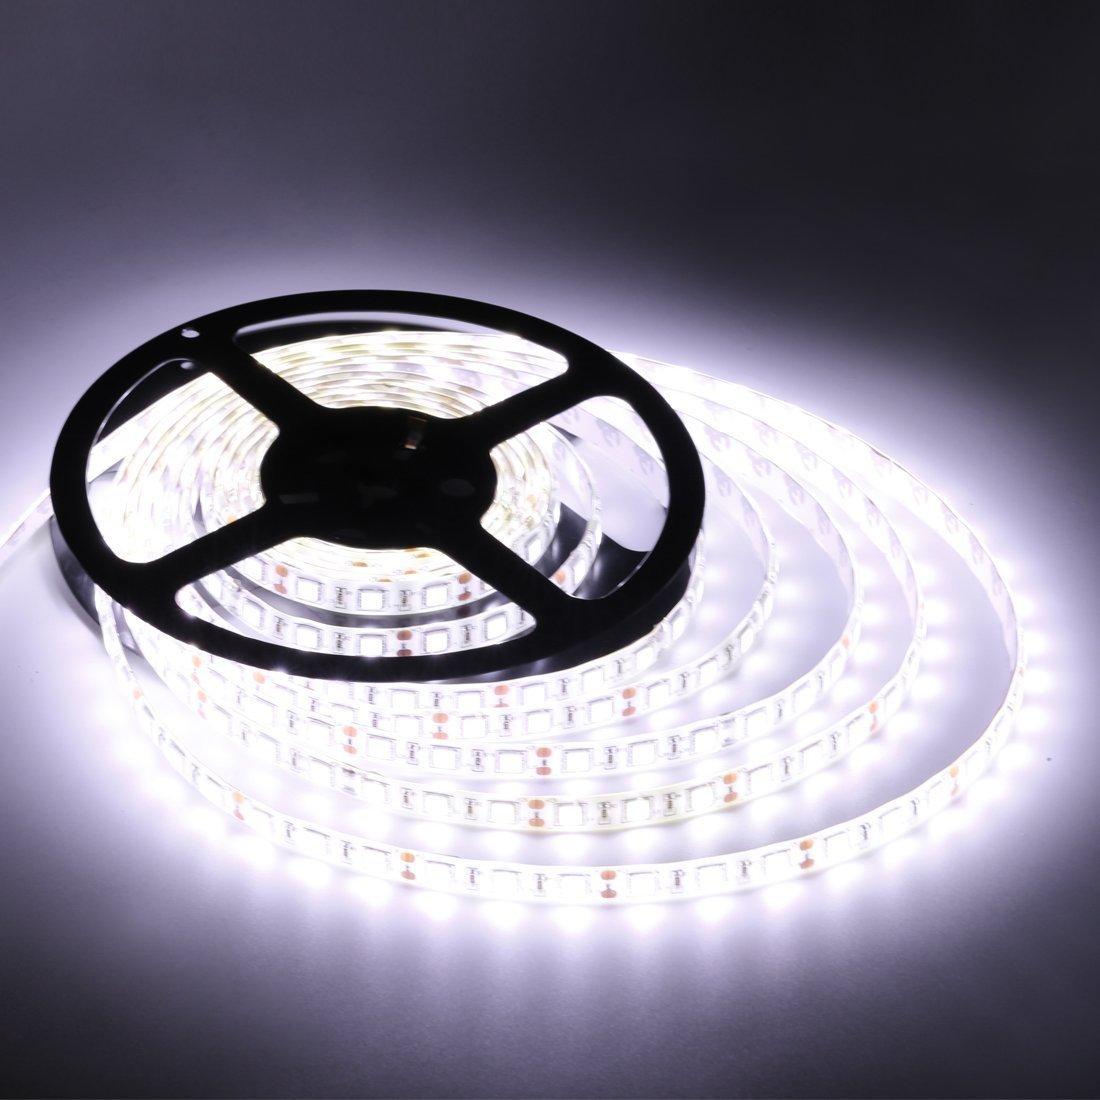 Amazon.com: Flexible LED Strip Lights,White,300 Units SMD 5050 LEDs ...